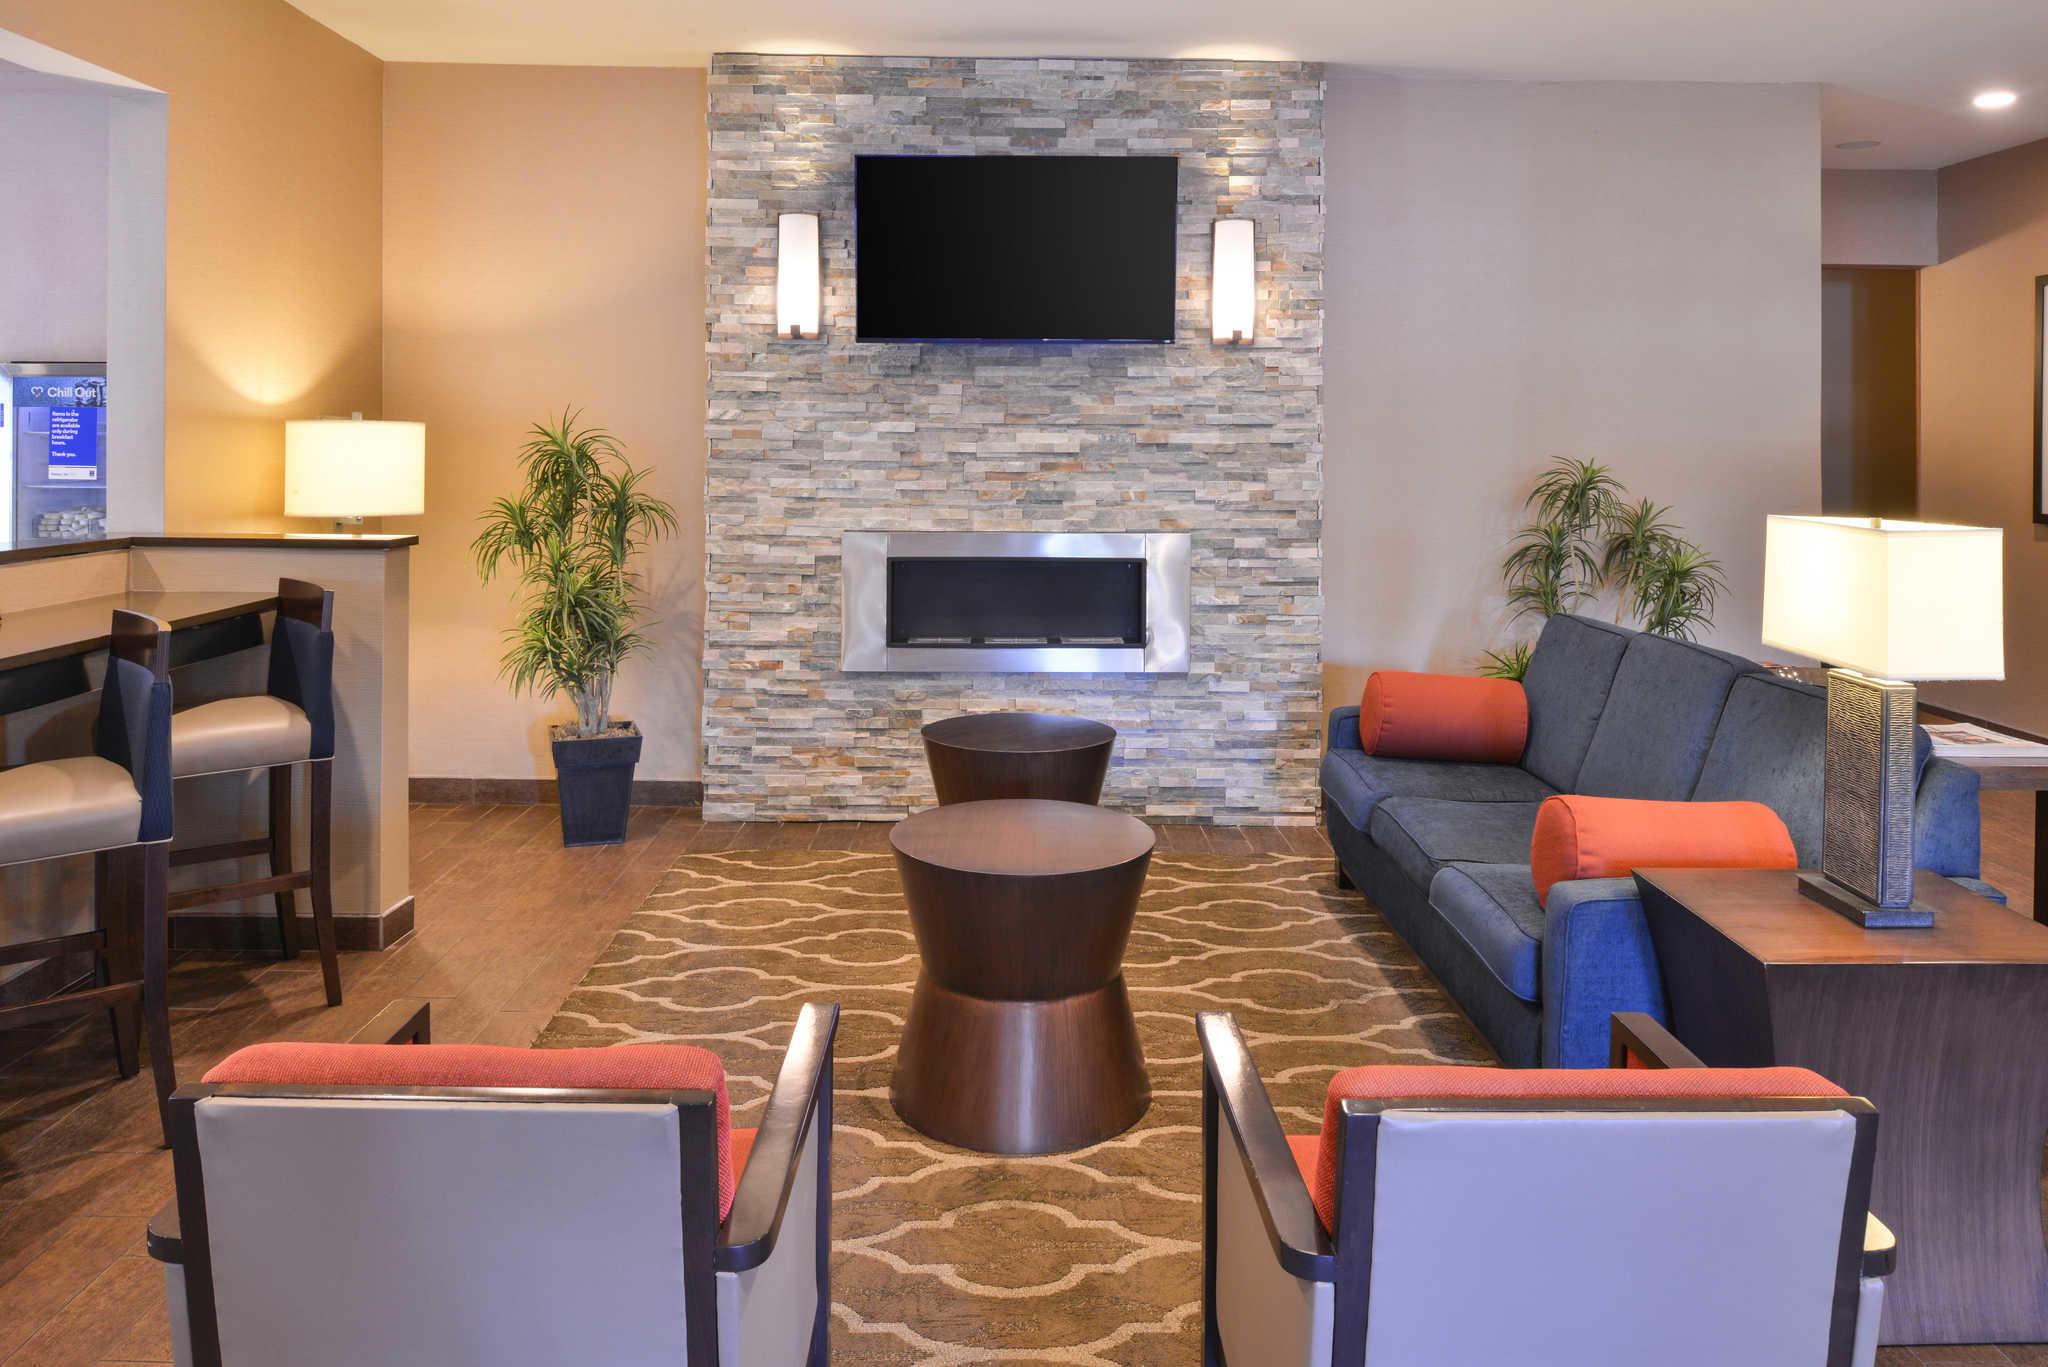 comfort inn amp suites fayetteville arkansas ar - Hilton Garden Inn Fayetteville Ar